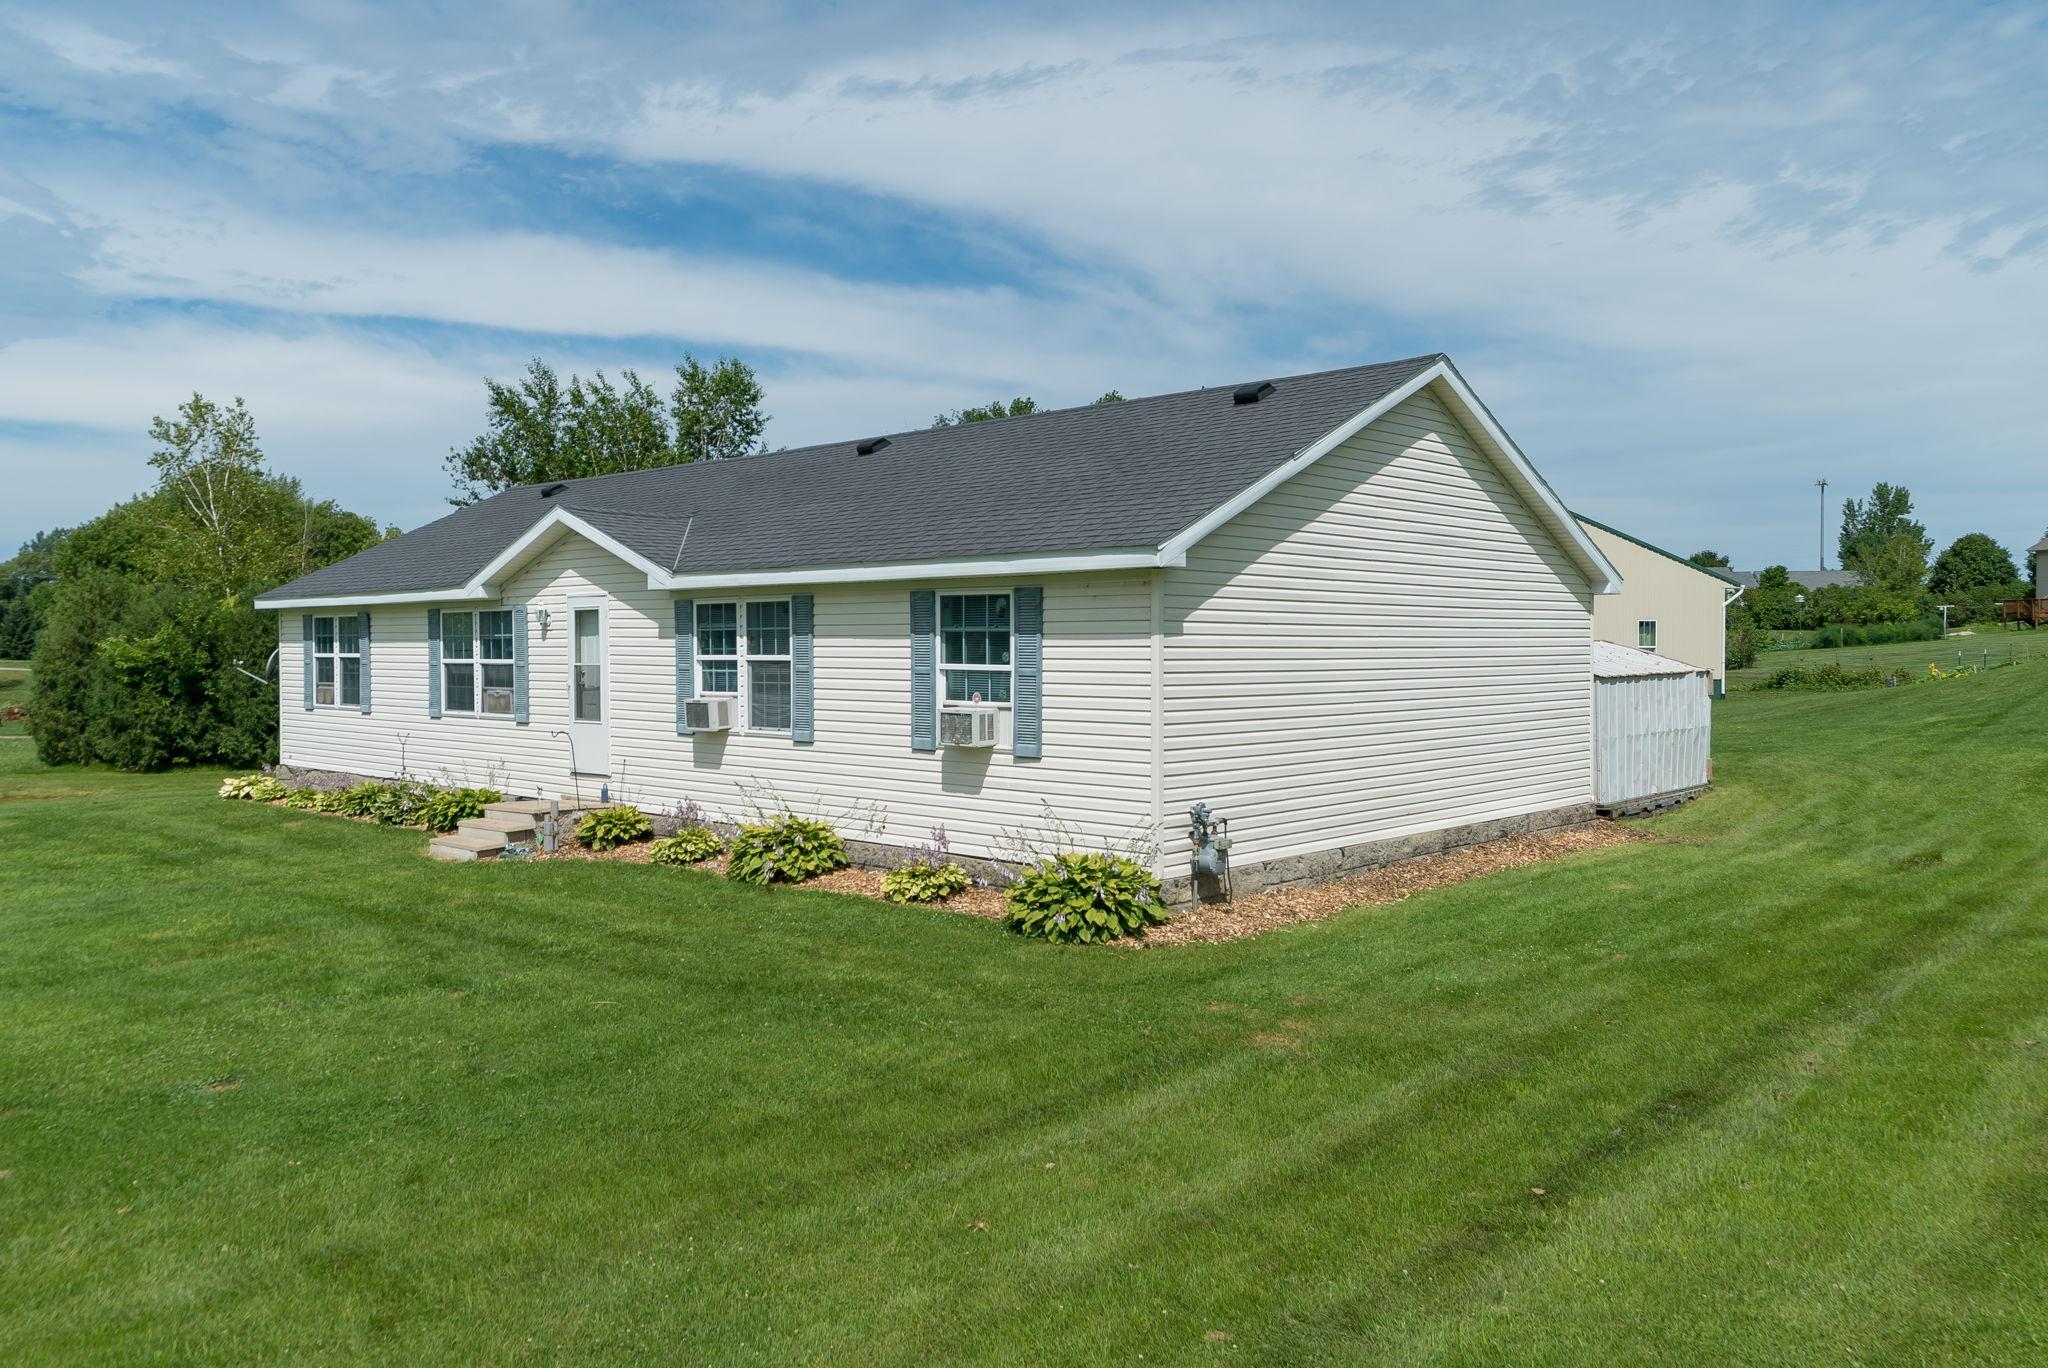 22844 Kopps Lane Property Photo - Madison Lake, MN real estate listing